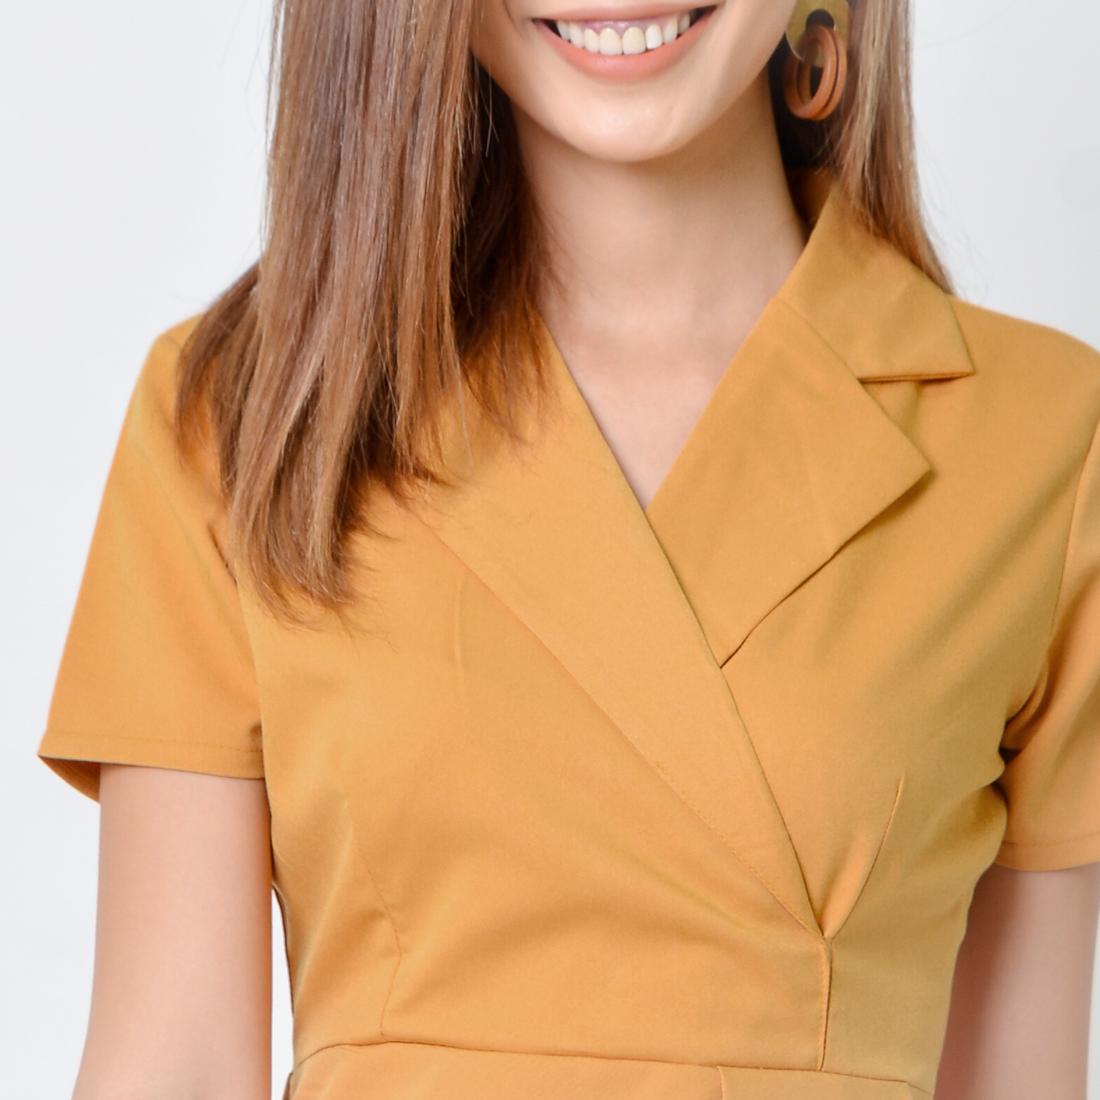 Đầm Chữ A Thời Trang Eden Cổ Vest - D356 - Màu Vàng